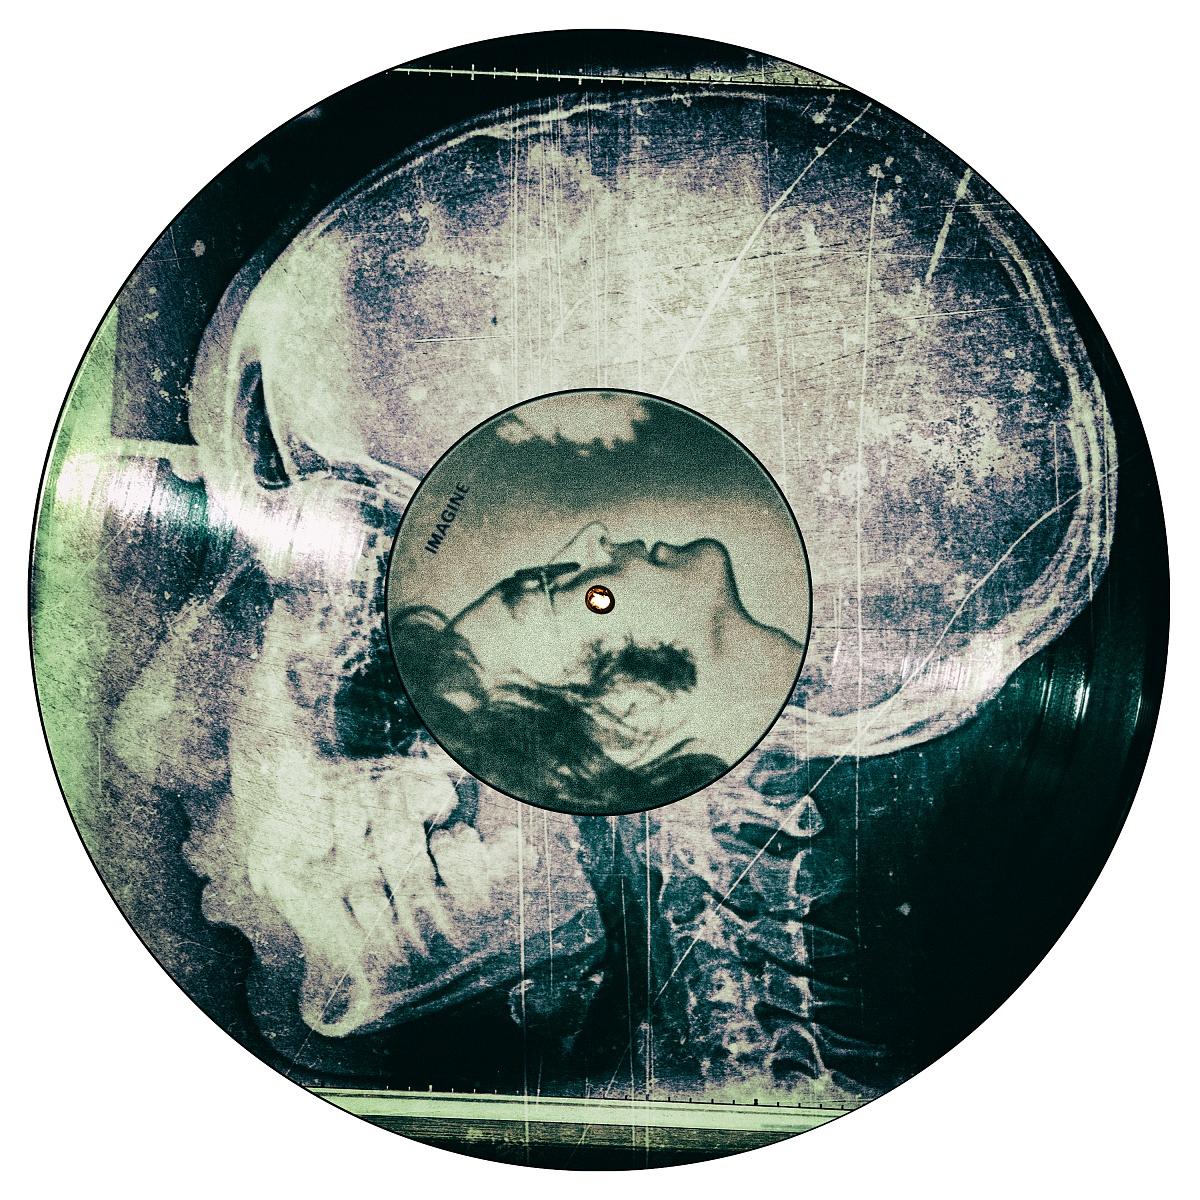 Rx Cranio su copertina LP Imagine, John Lennon